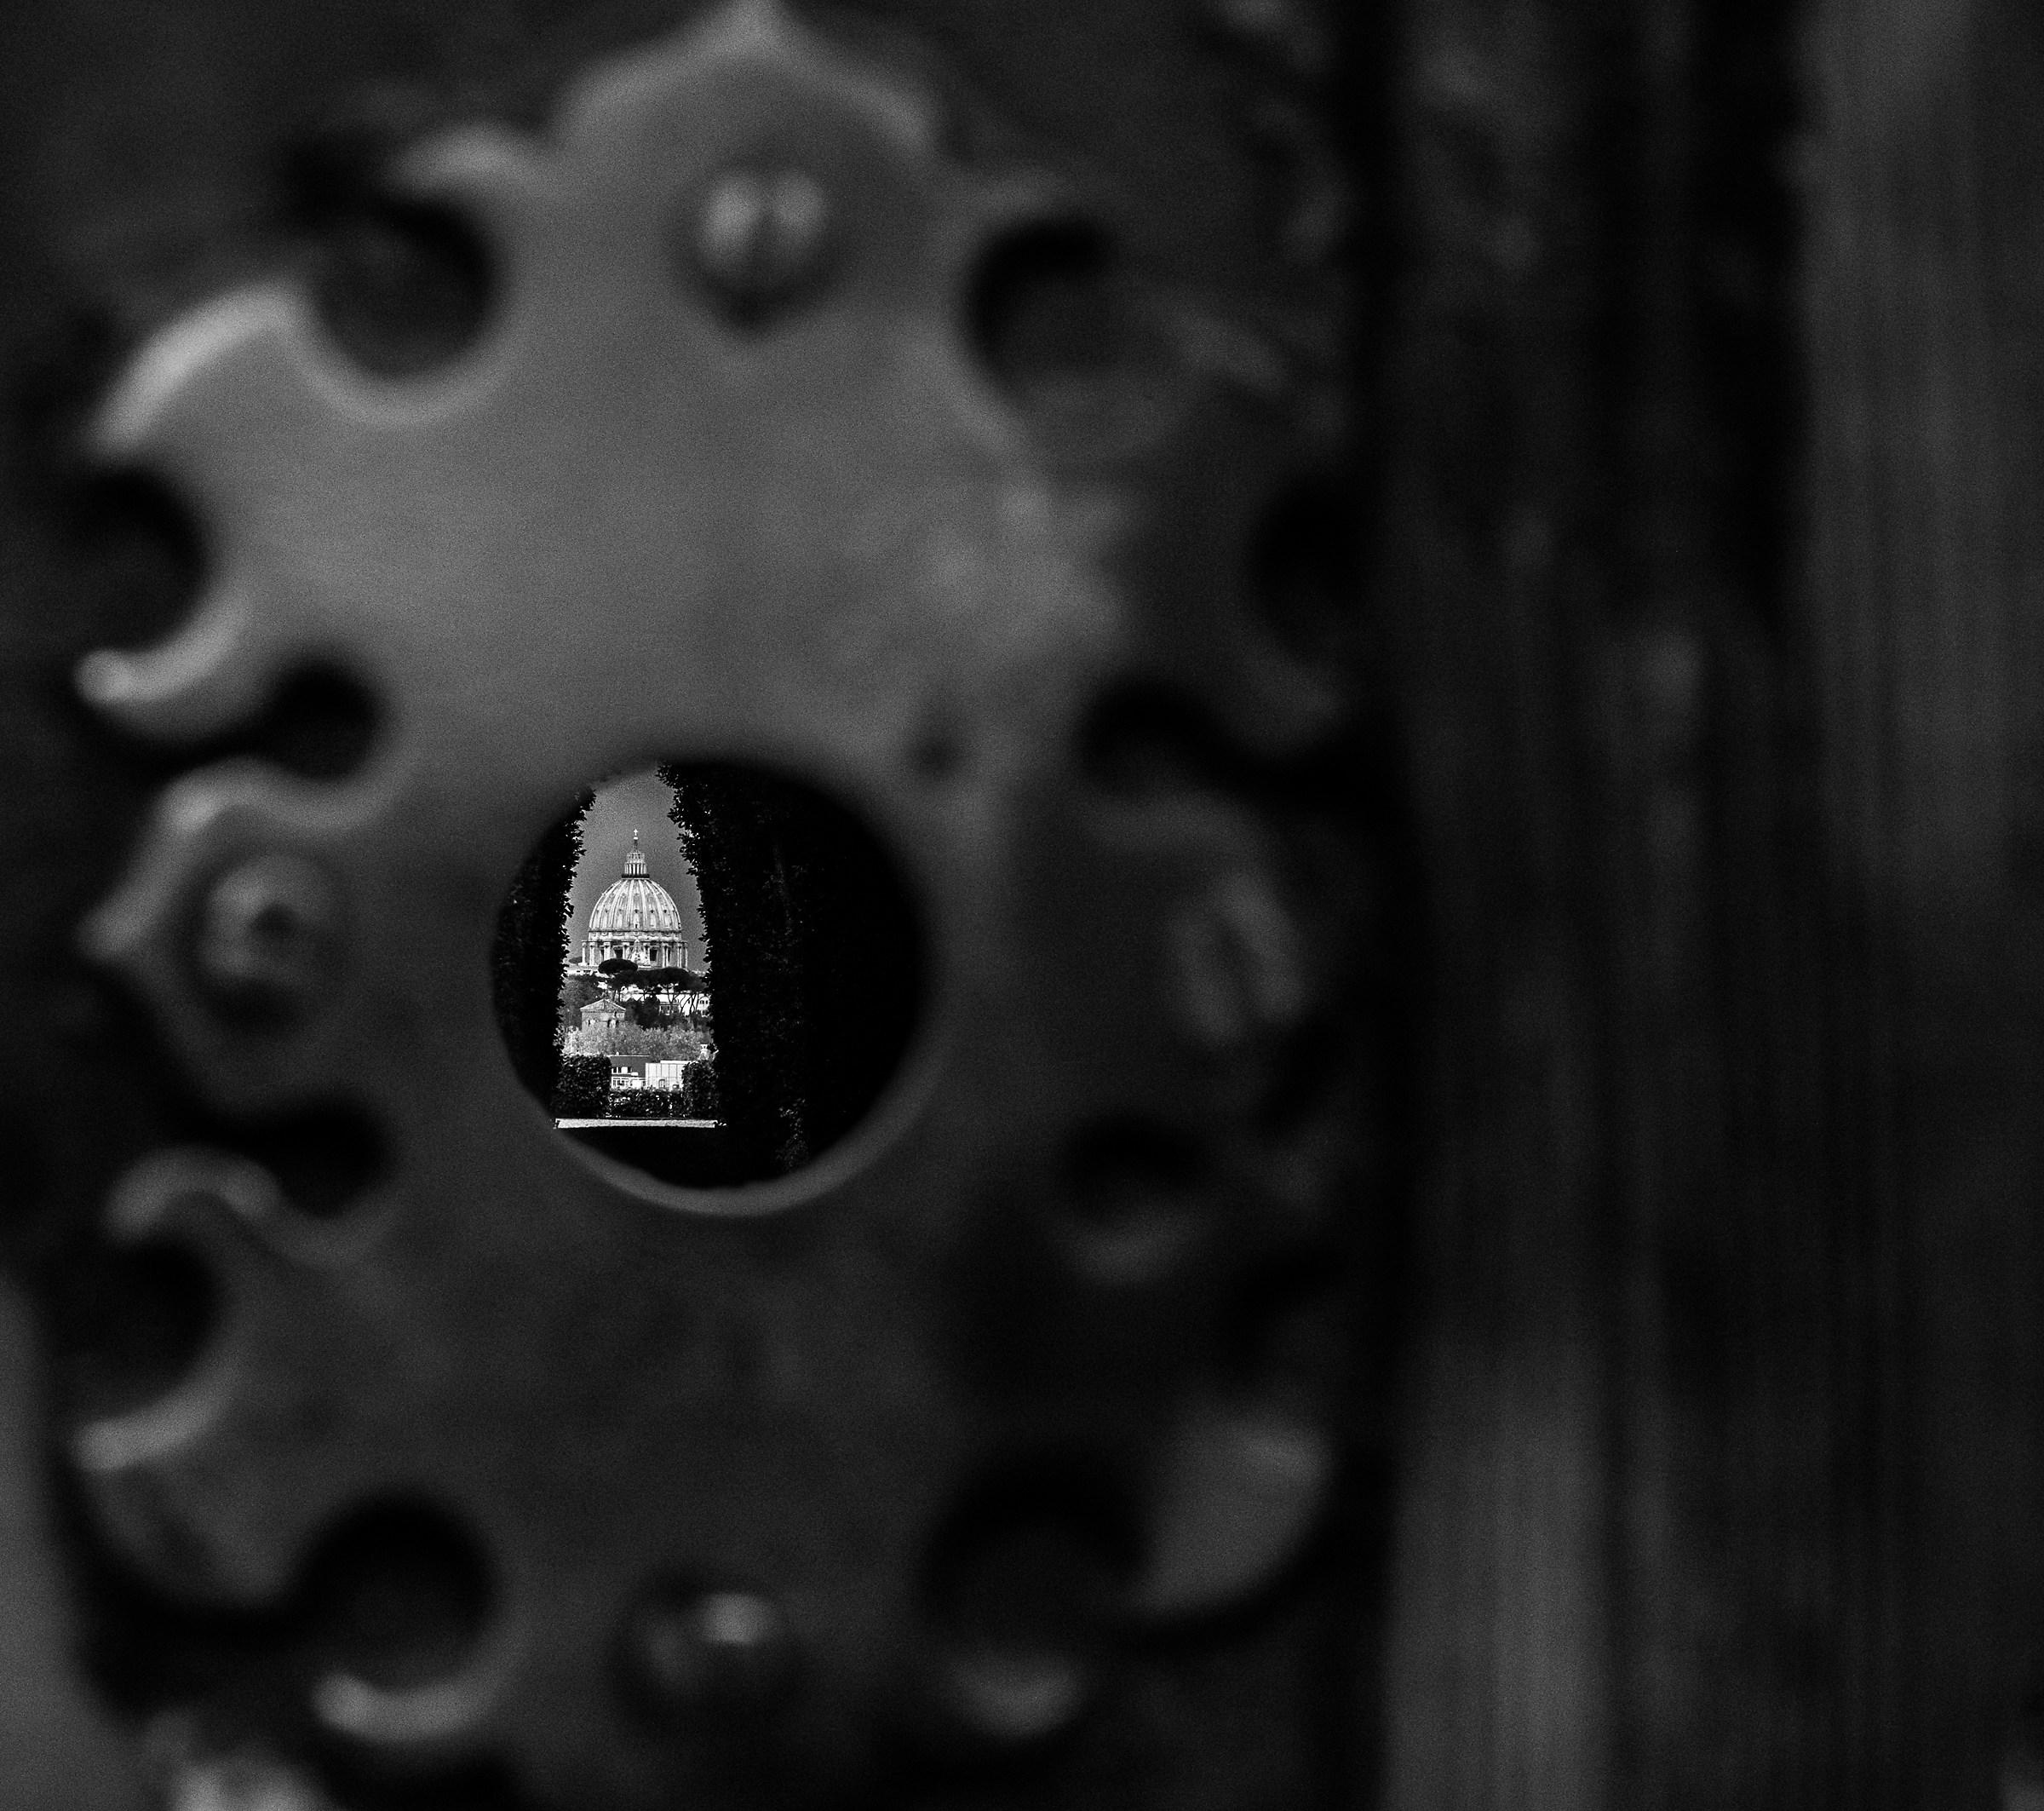 behind the door of the Murderdolls...